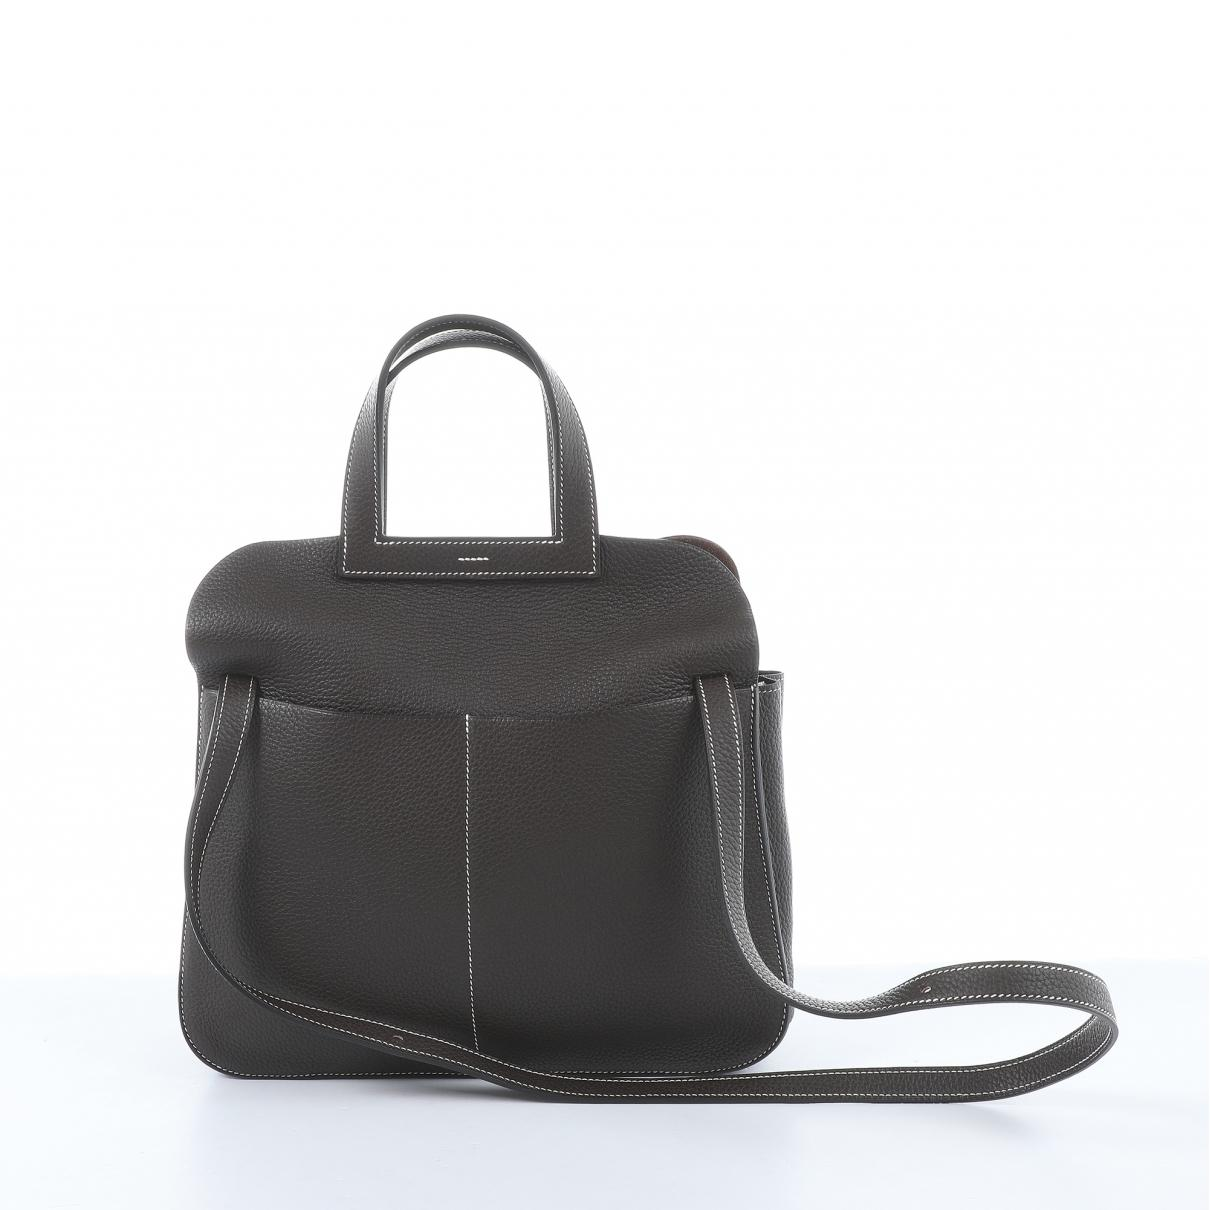 d71f84345fc3 Hermès - Brown Halzan Leather Handbag - Lyst. View fullscreen